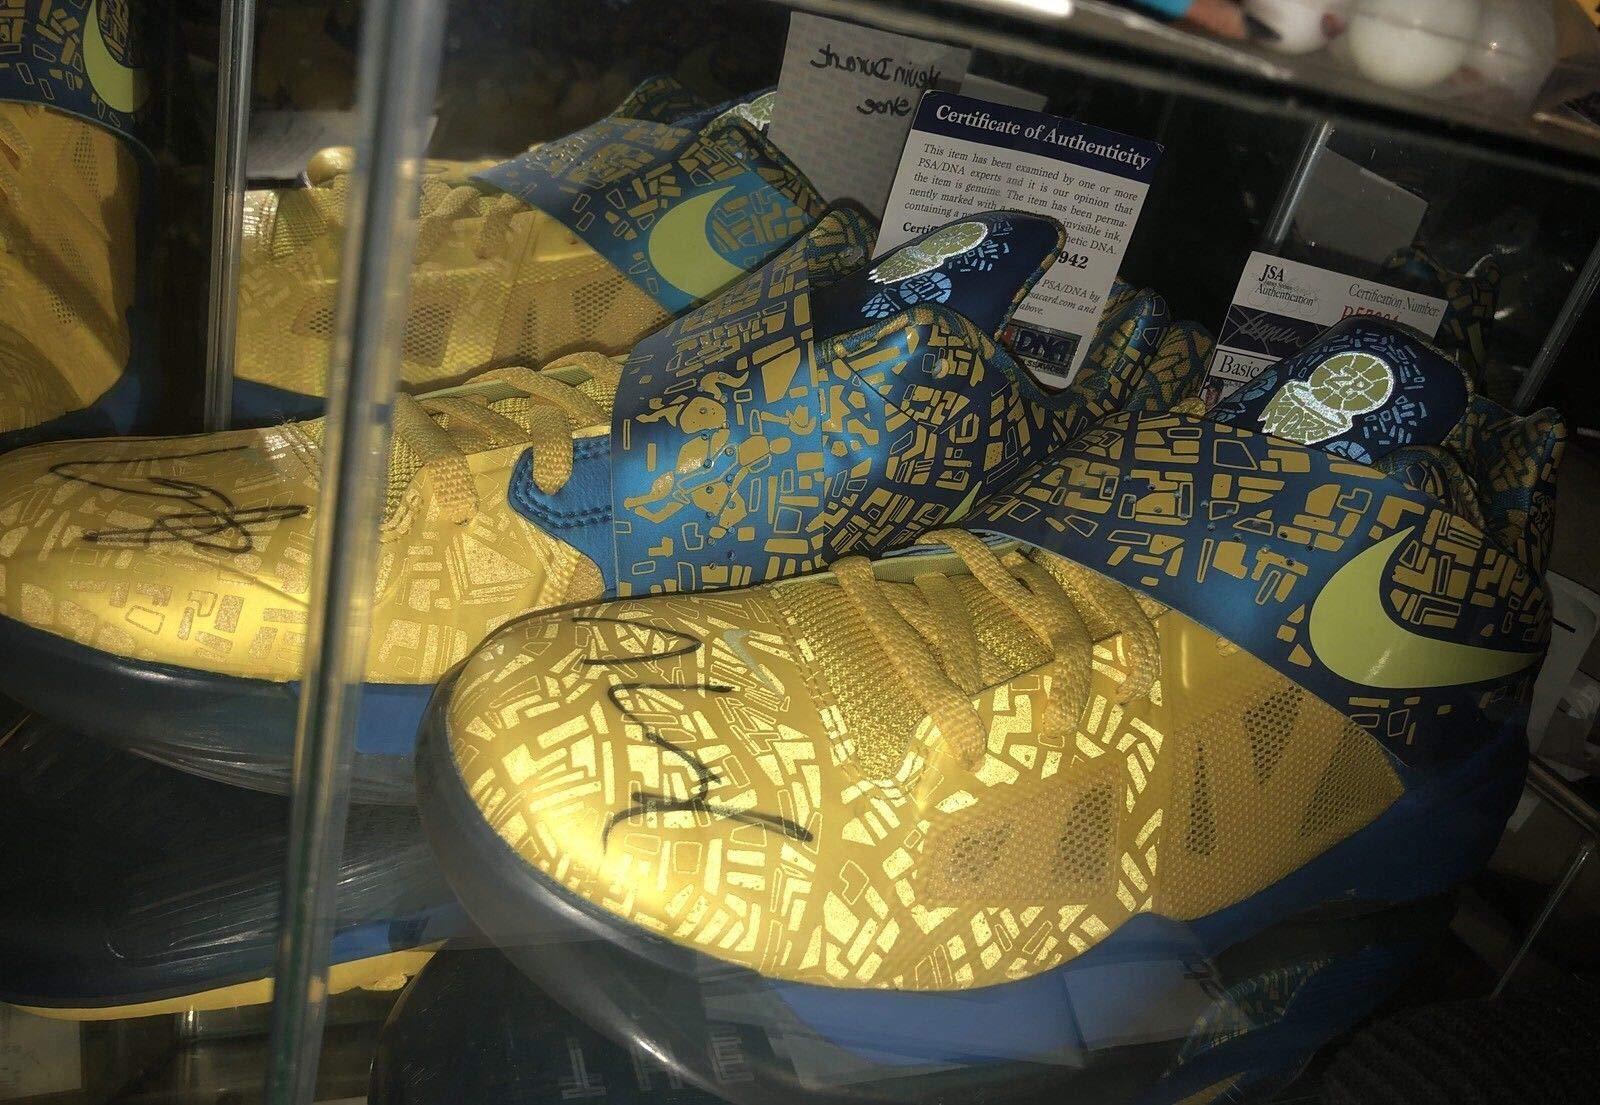 Kevin Durant Auto Scoring Title Kd 4 Pe PSA/DNA JSA Coa'S Autographed Autographed Signed Shoes